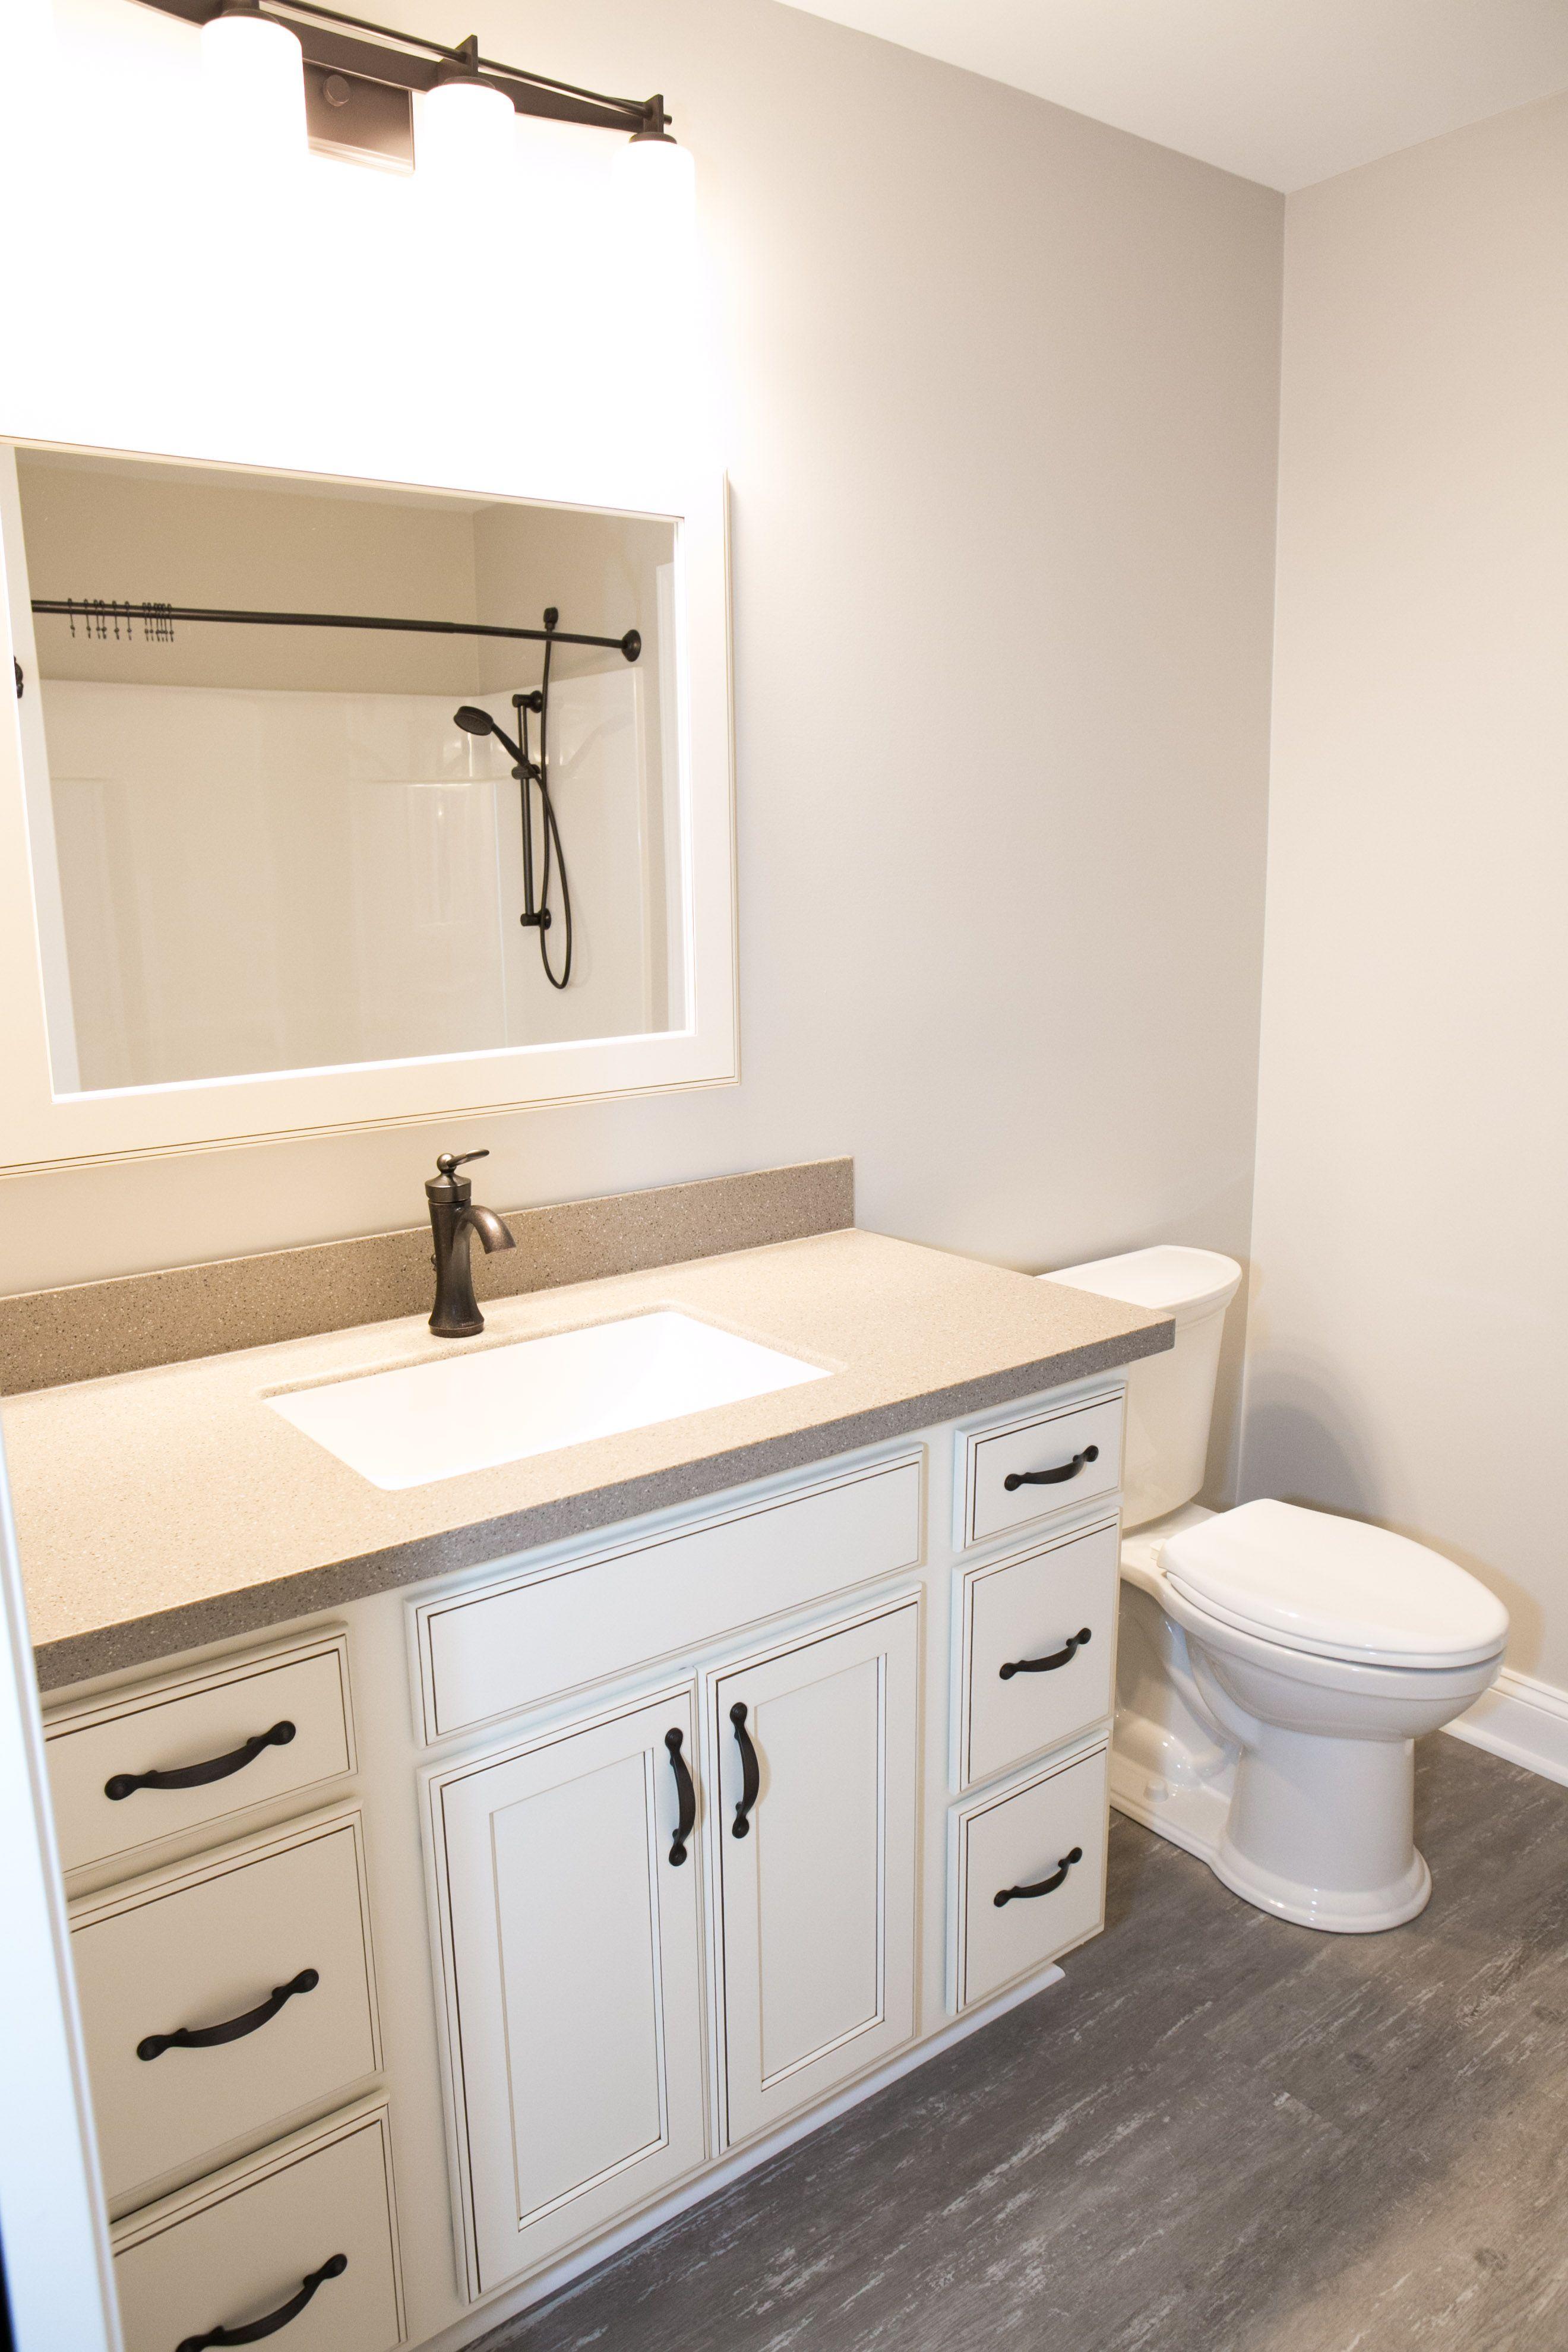 Bathroom vanity set-up using Yorktowne cabinetry in the Crowley door ...